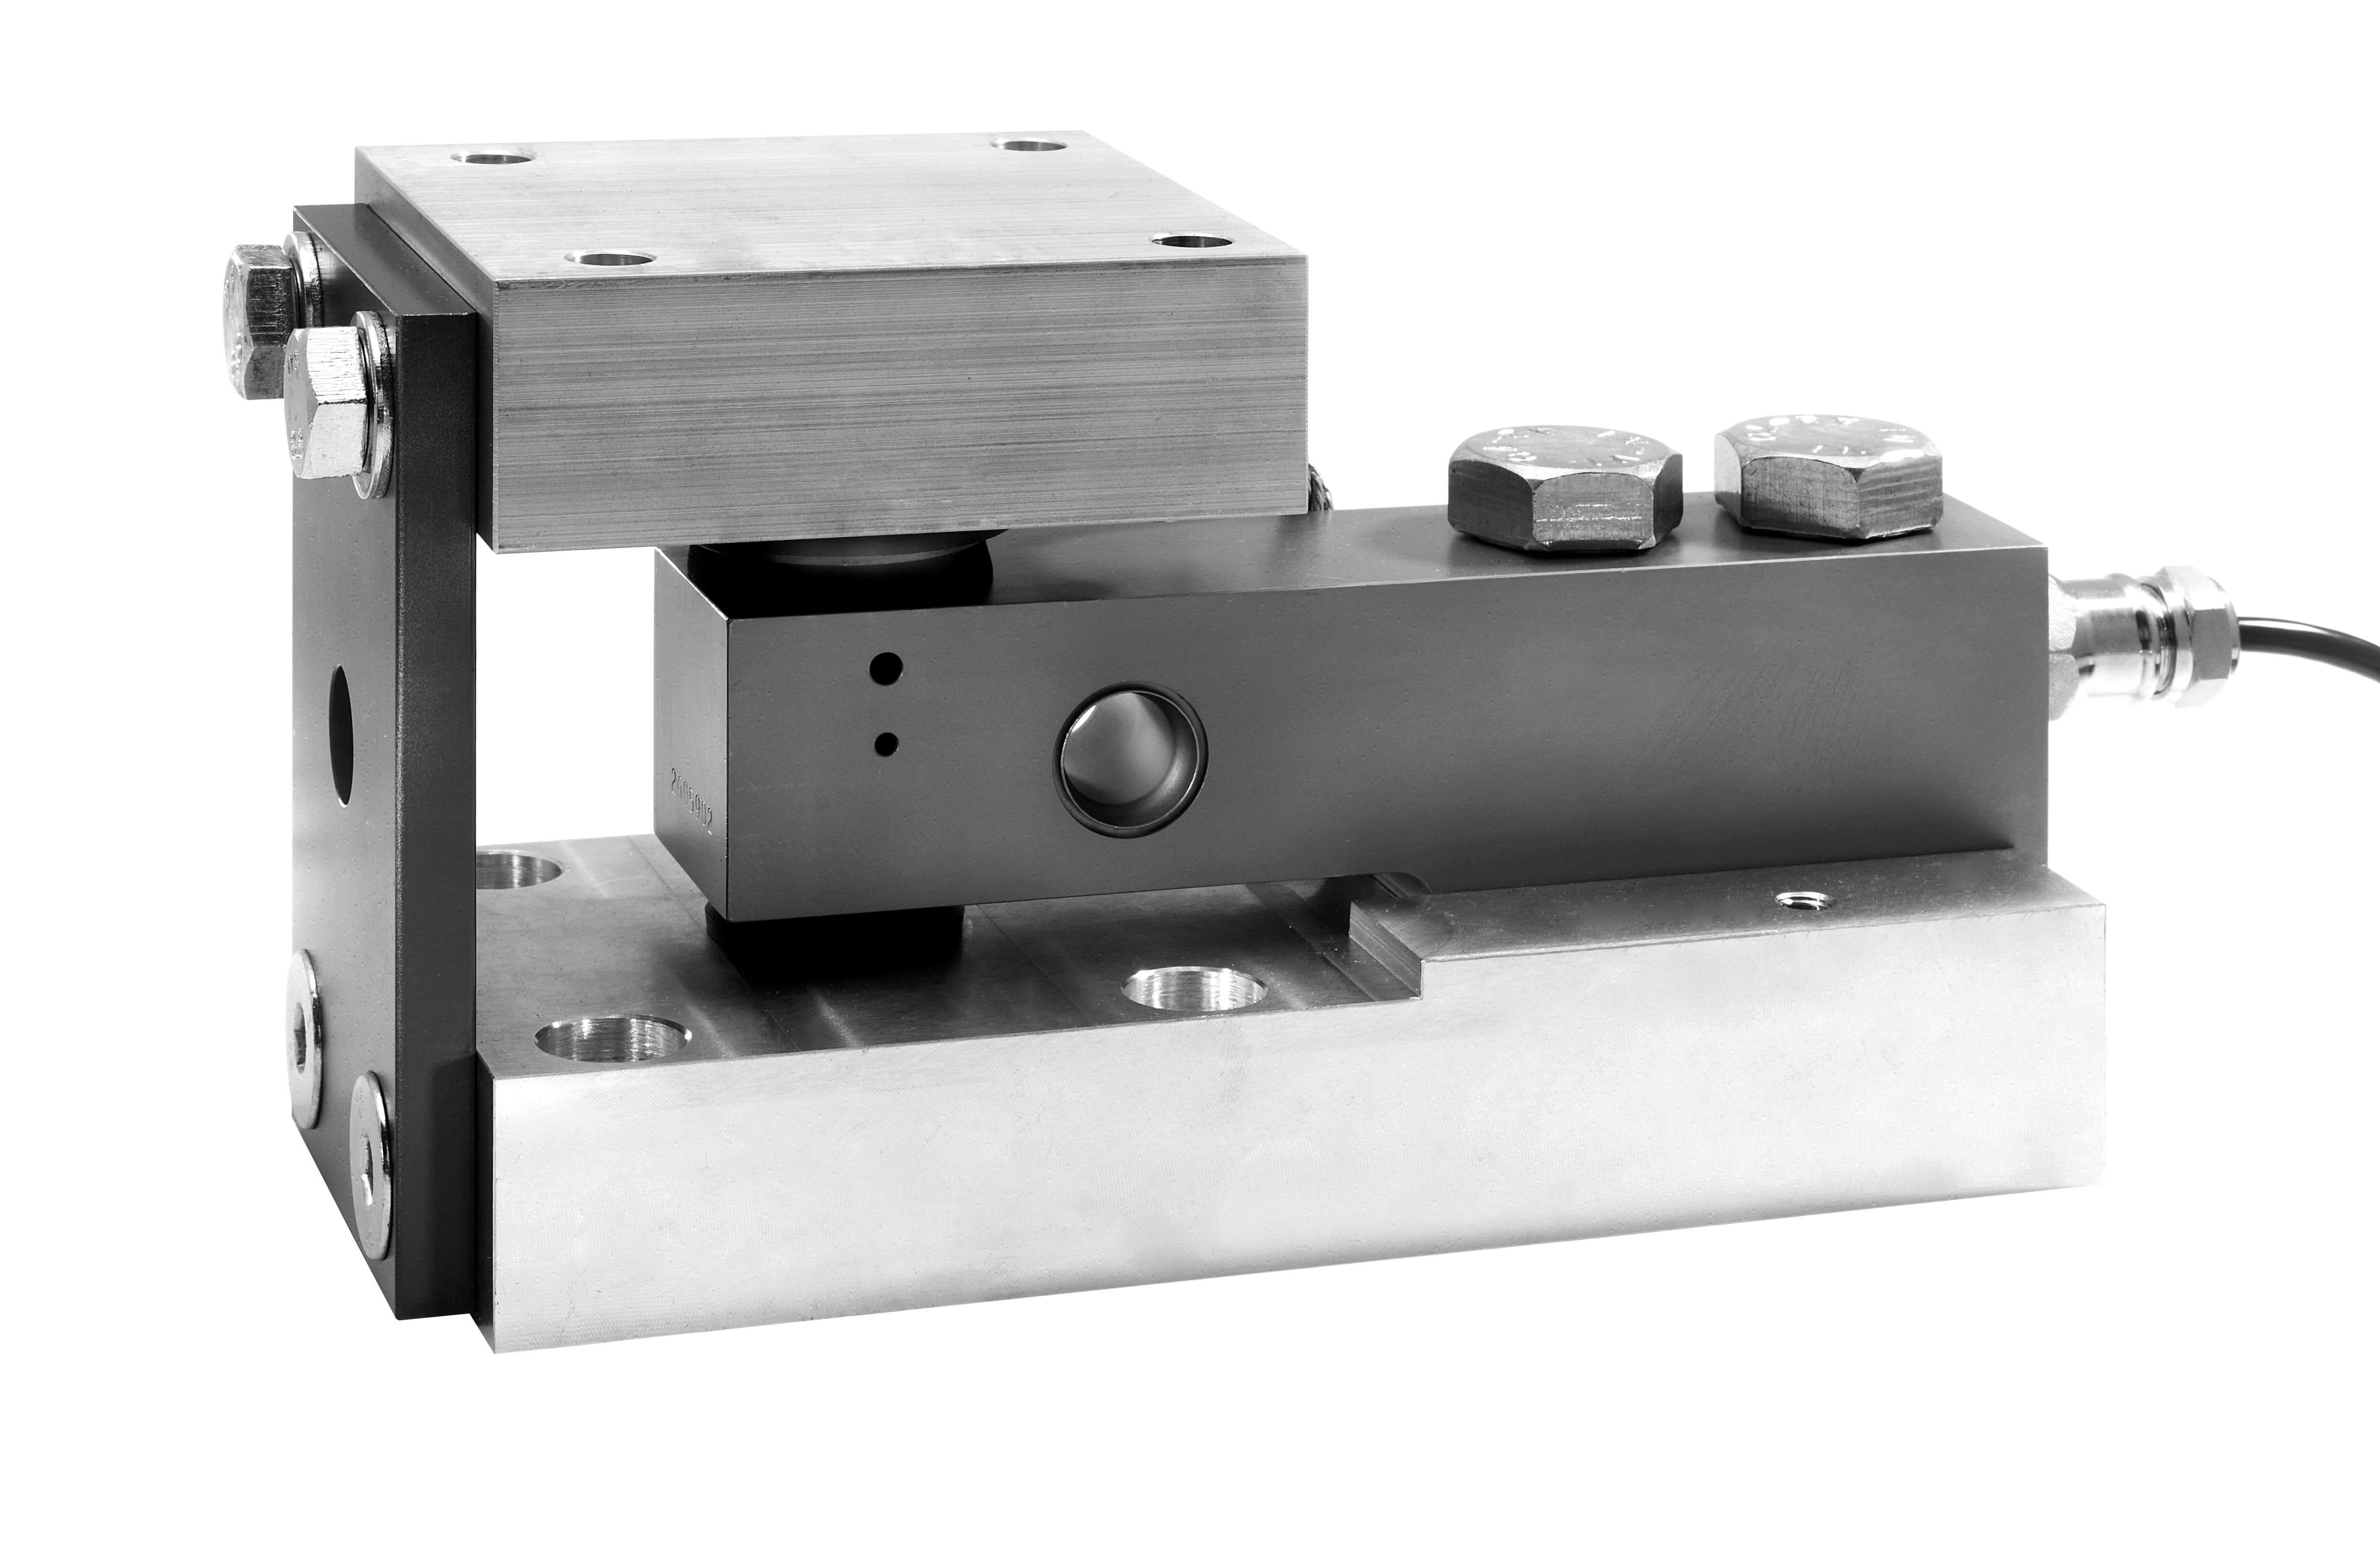 52-18 weegmodule (geschikt voor SB4, SB5, SLB, SB9, SB14) Image